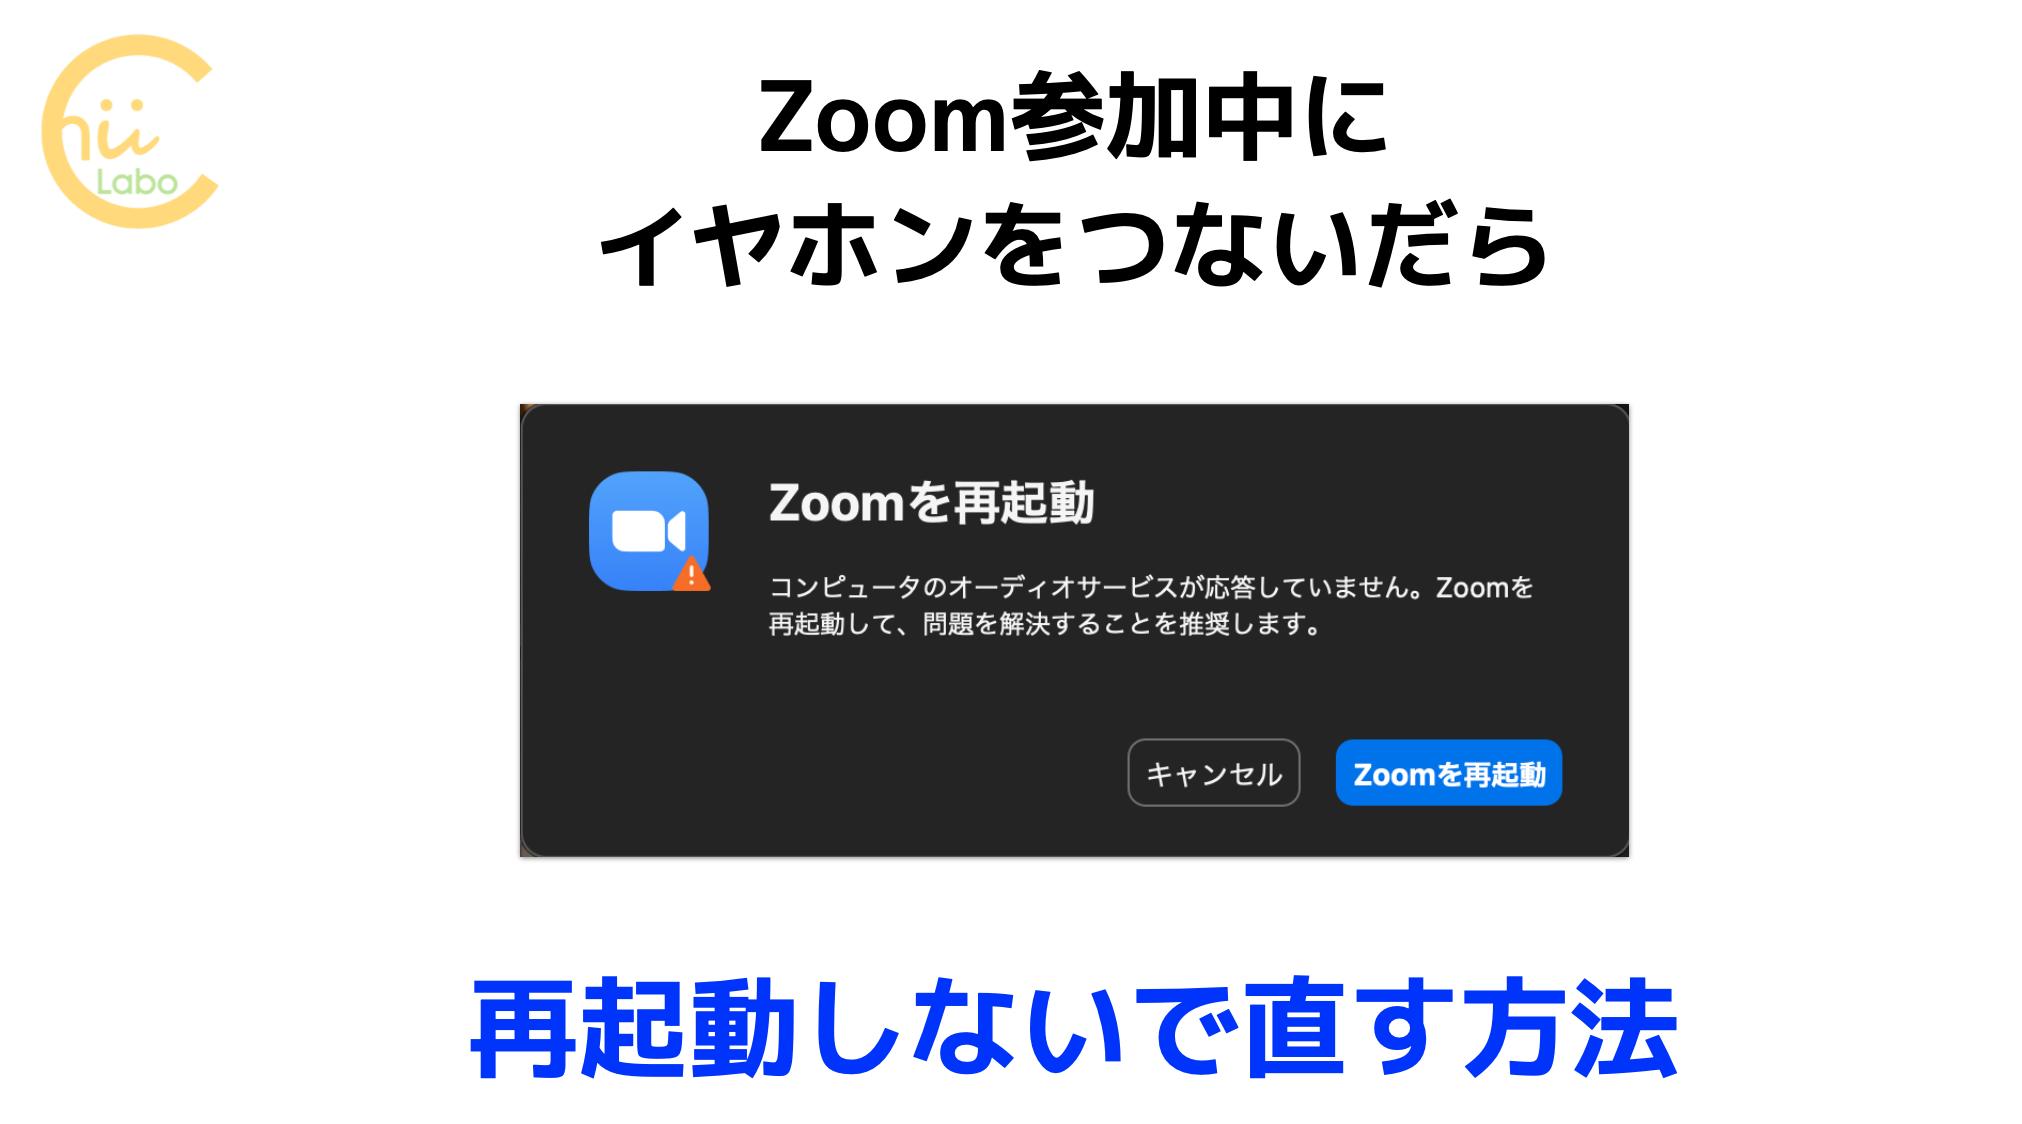 と オーディオ zoom は コンピューター